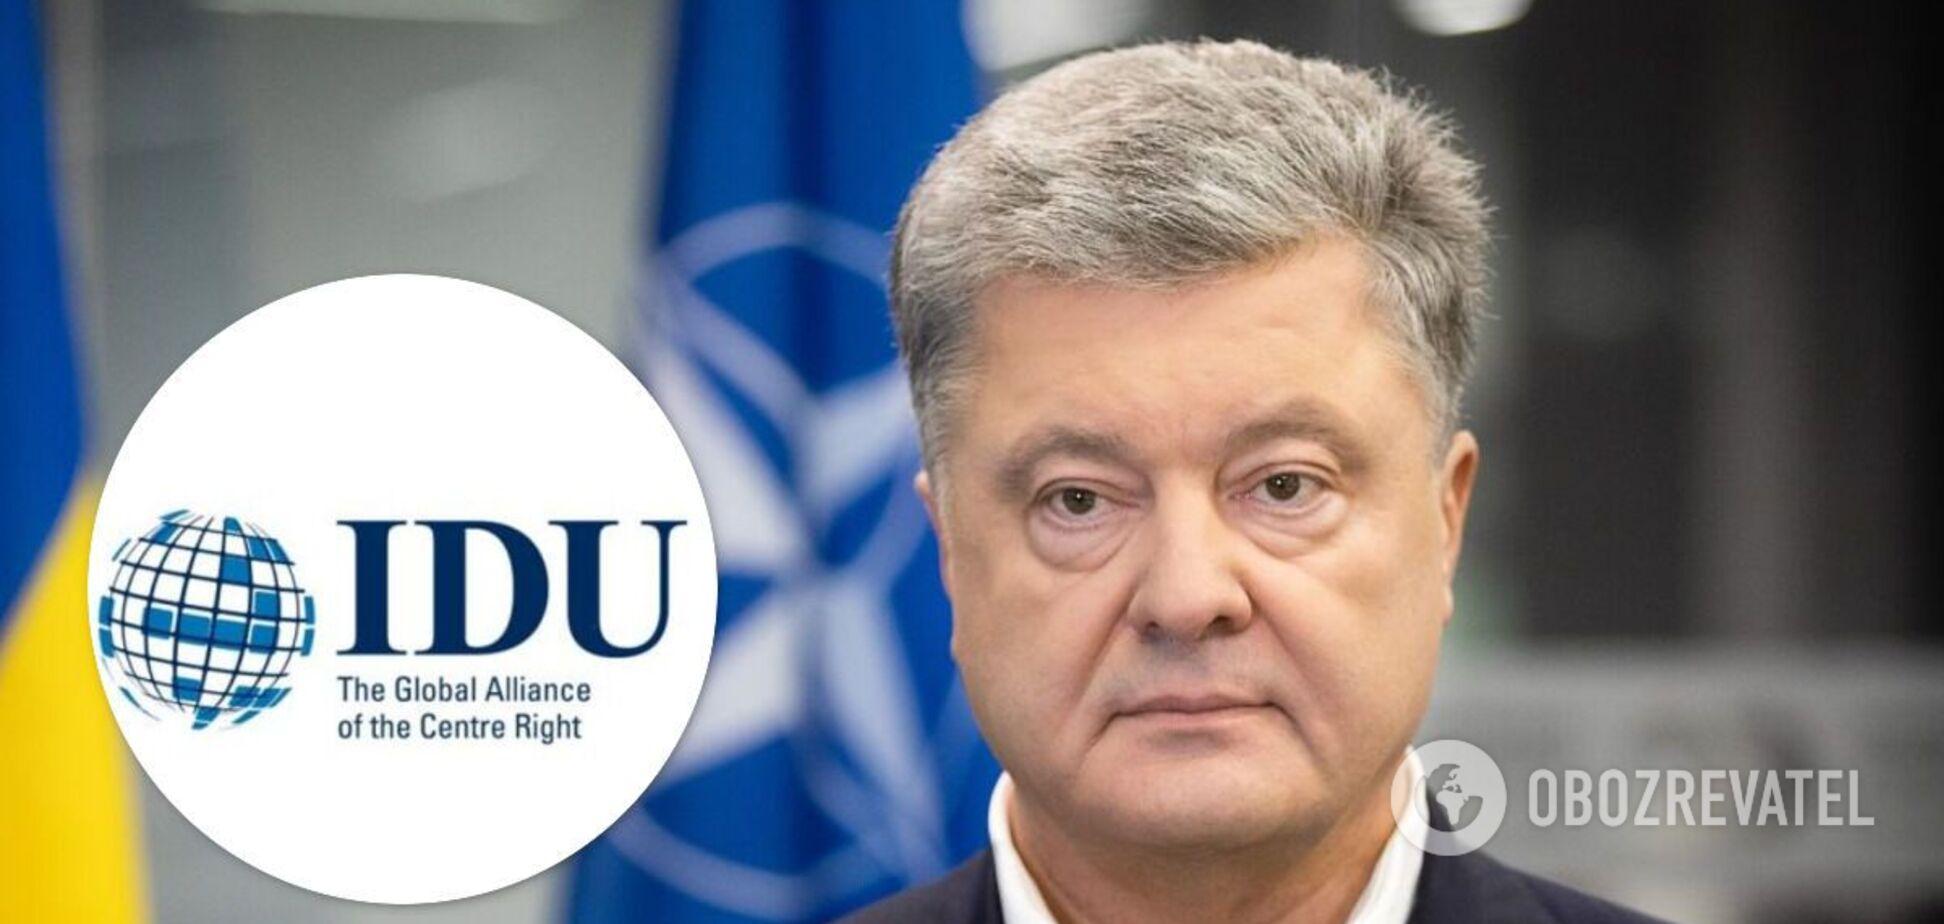 Партія Порошенкаотримала членство в Міжнародному демократичному союзі